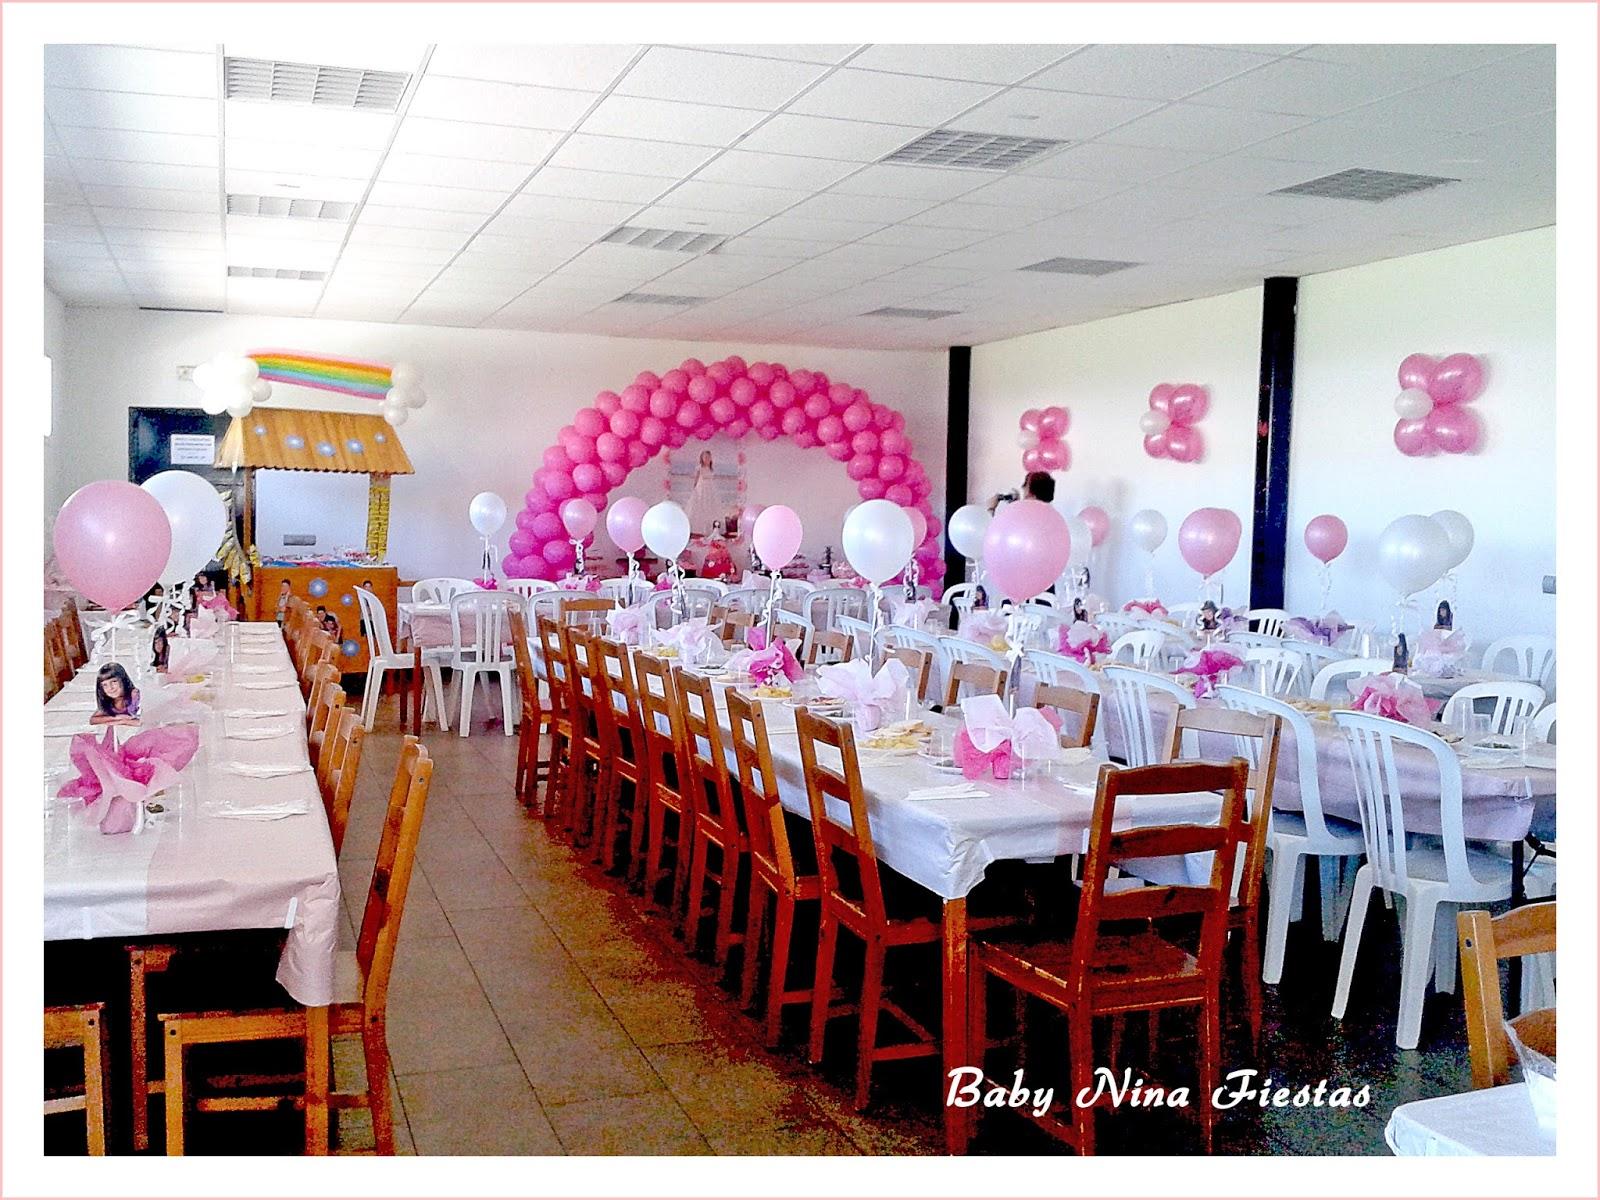 Baby nina fiestas decoraci n comuni n estrella - Adornar mesas de comunion ...